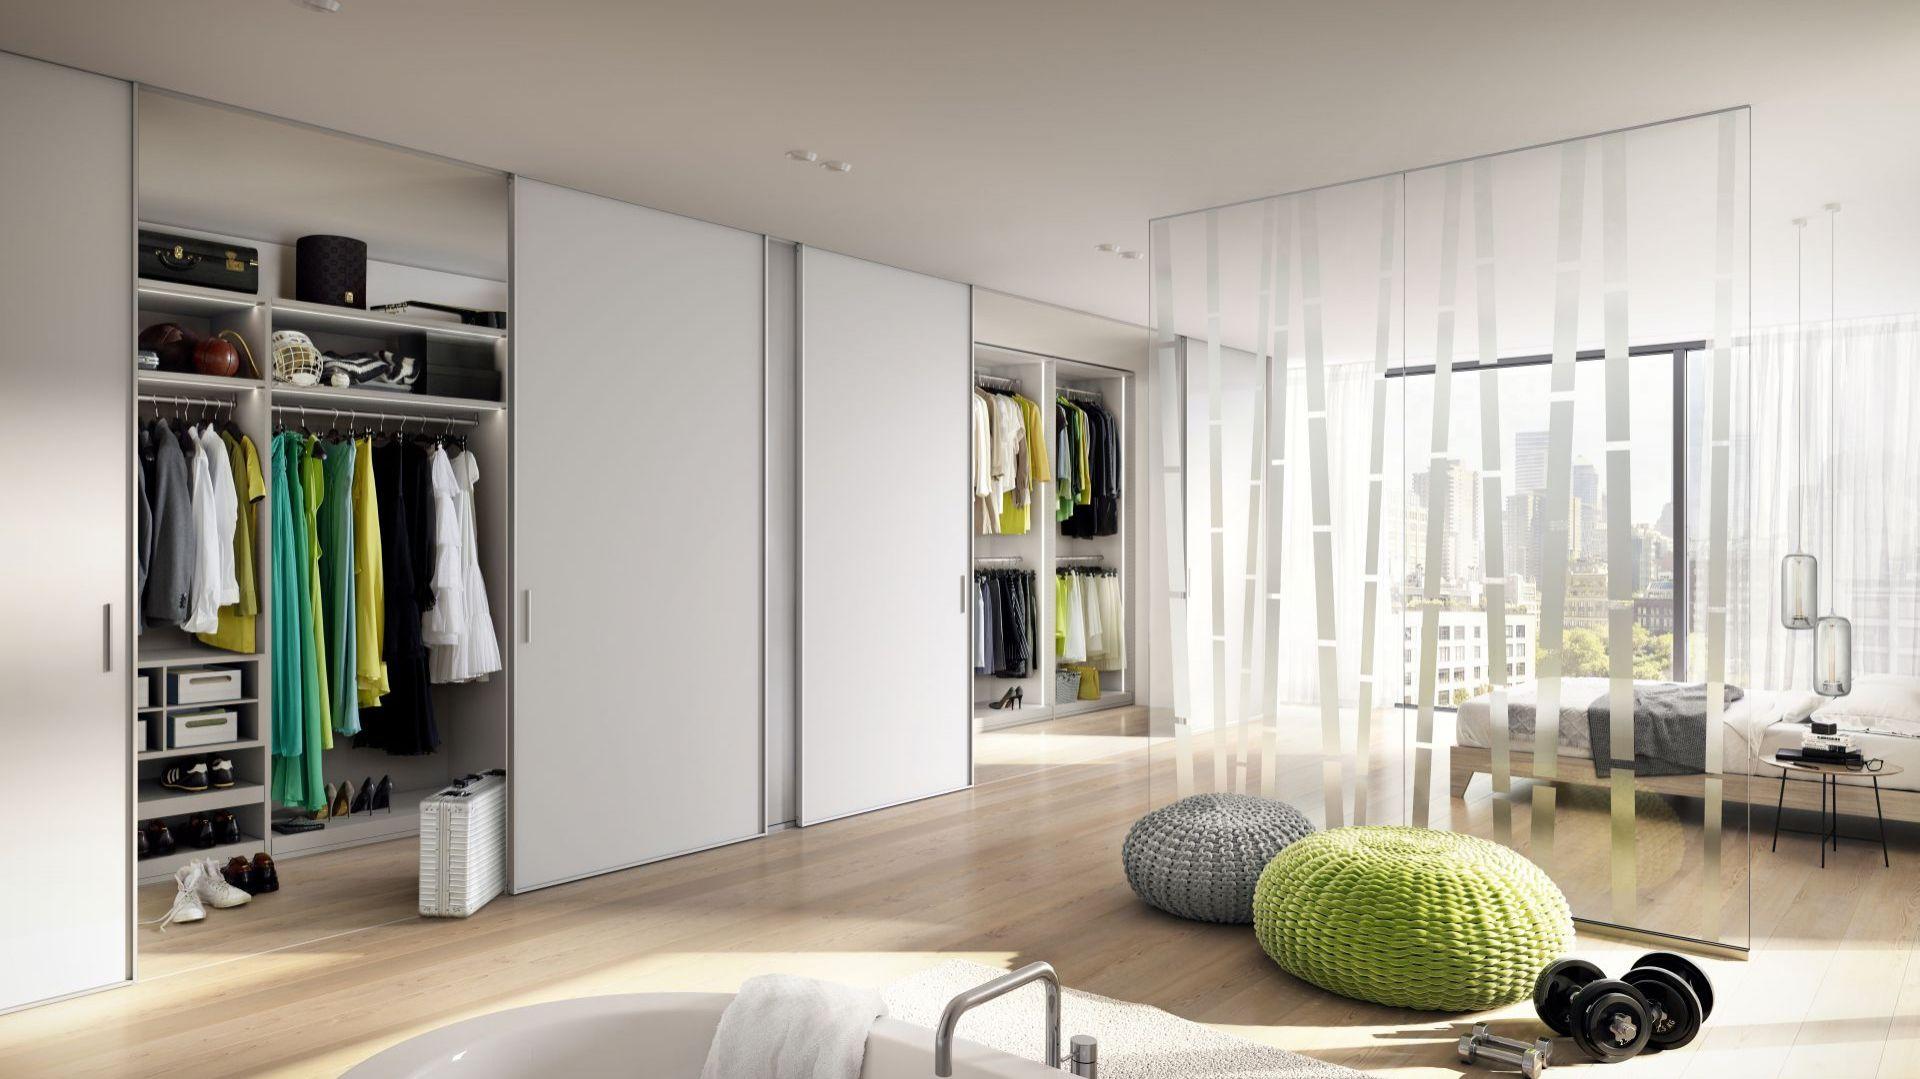 Sypialnia to doskonałe miejsce na garderobę. Duża zabudowa pozwoli przechowywać codzienne ubrania, jak i rzeczy sezonowe. Fot. Raumplus